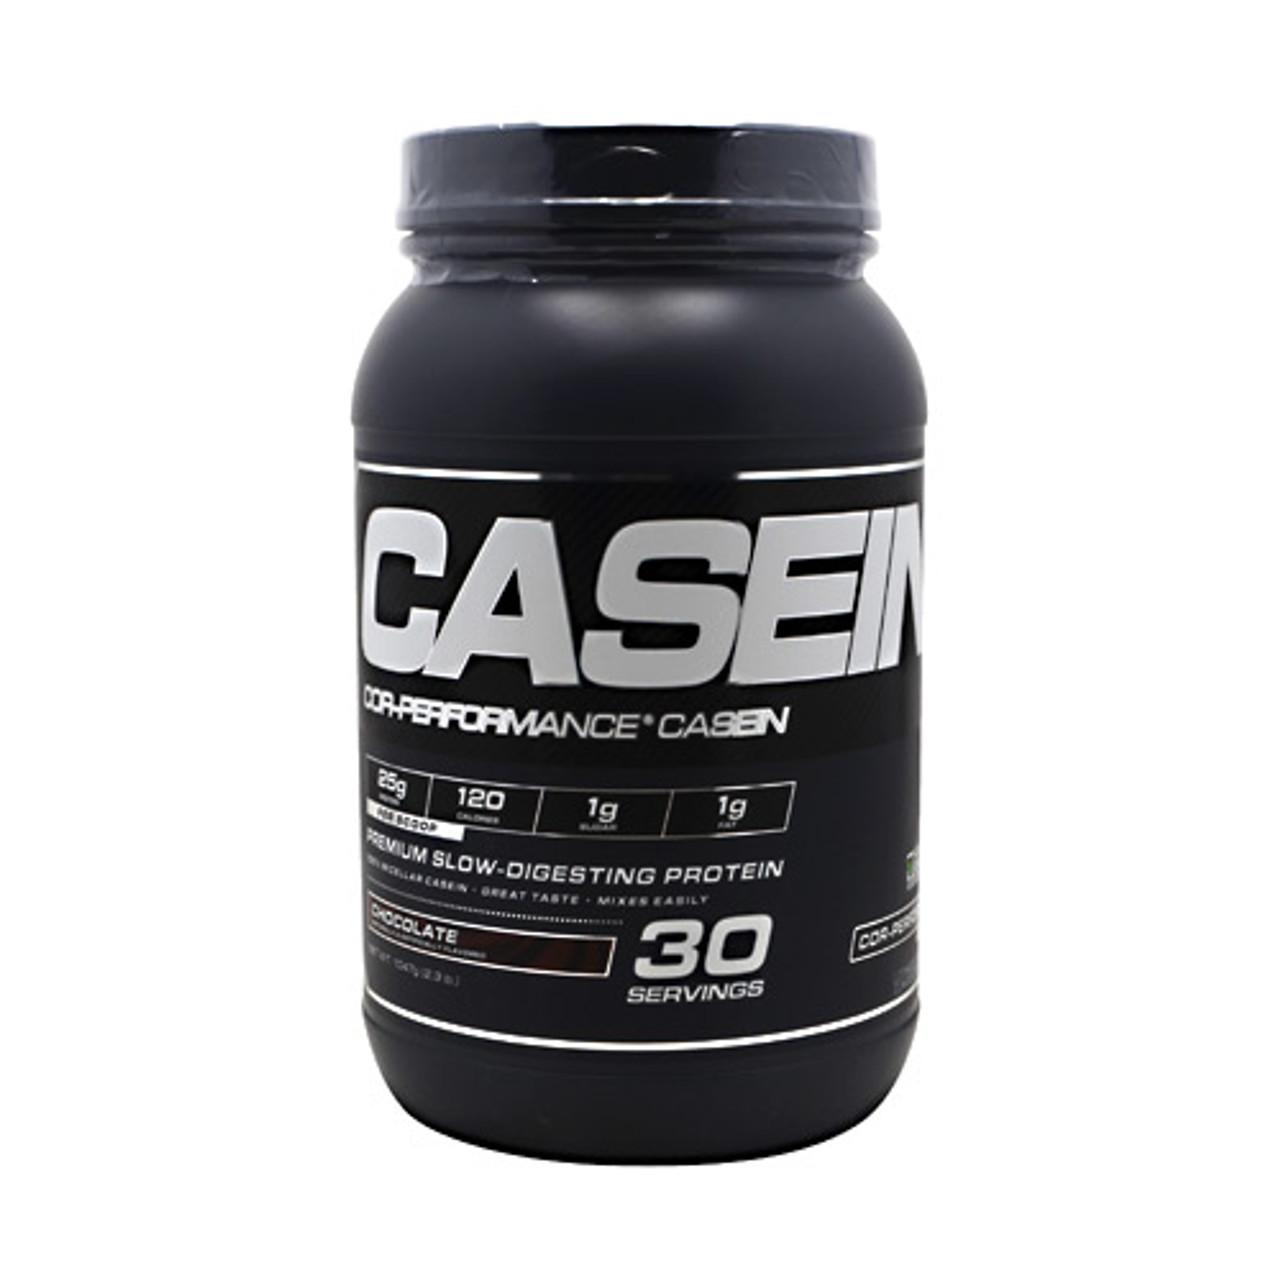 Cor-Performance Casein 2.3lb Cellucor